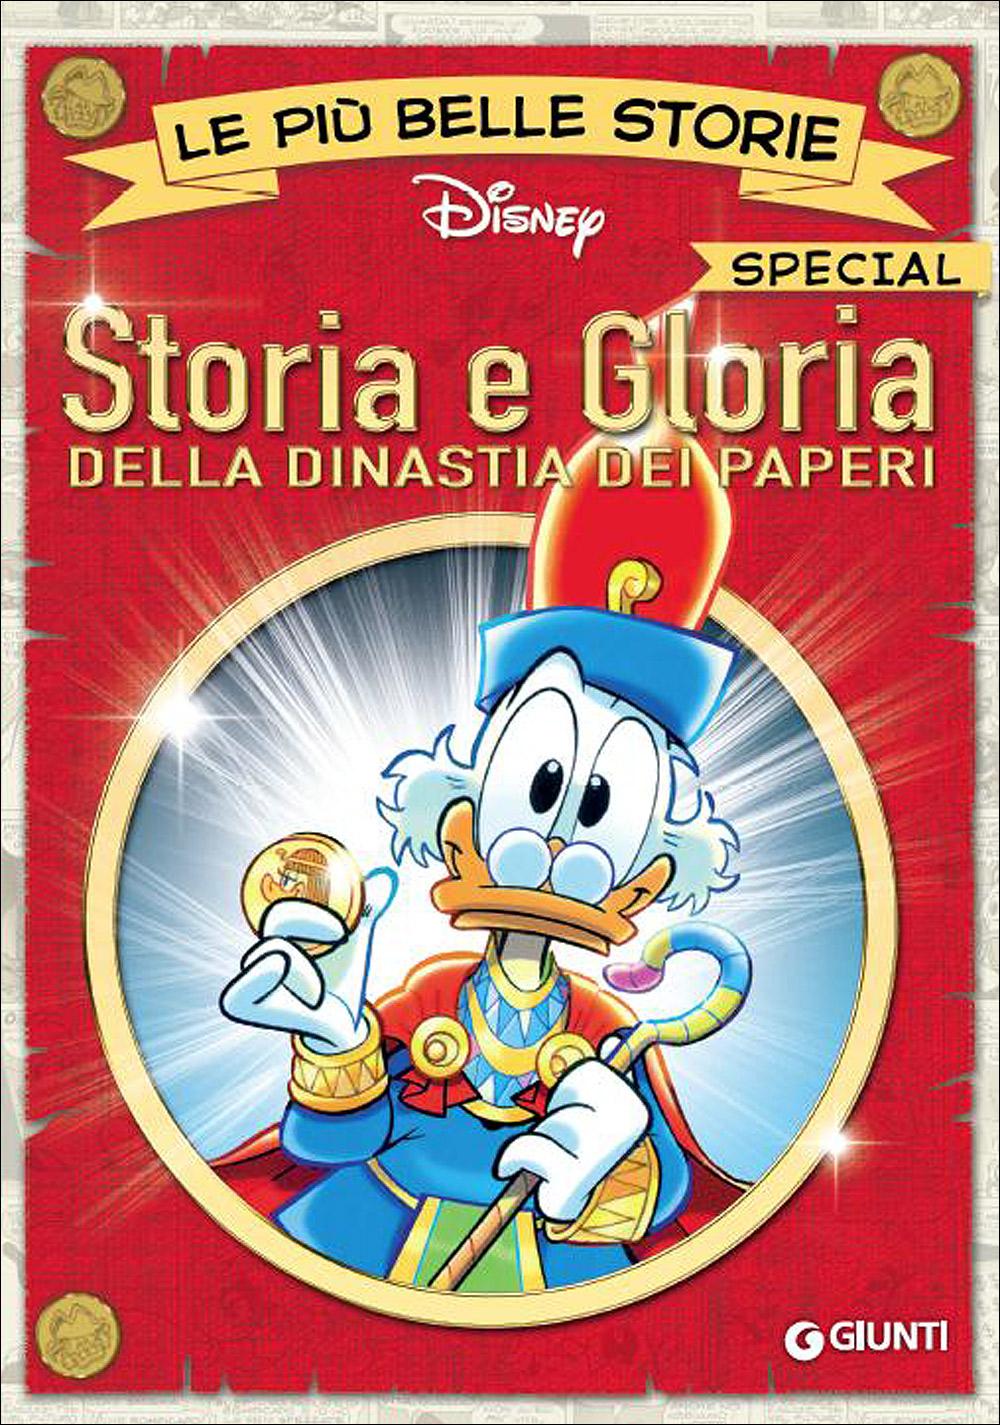 Le più belle storie Special - Storia e Gloria della dinastia dei paperi